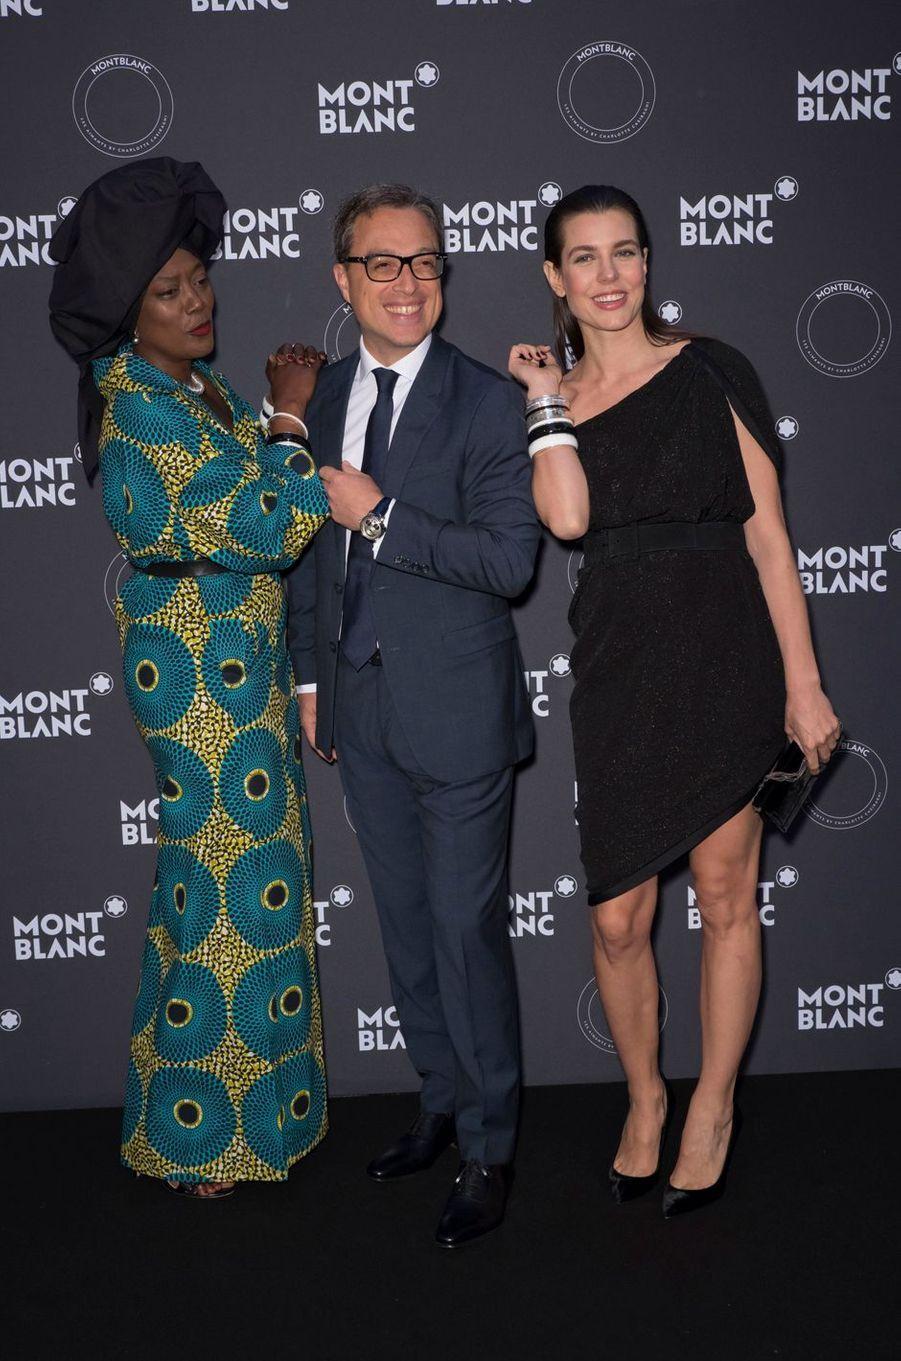 Charlotte Casiraghi avec Khadja Nin et Nicolas Baretzki, PDG de Montblanc, à Cannes le 16 mai 2018